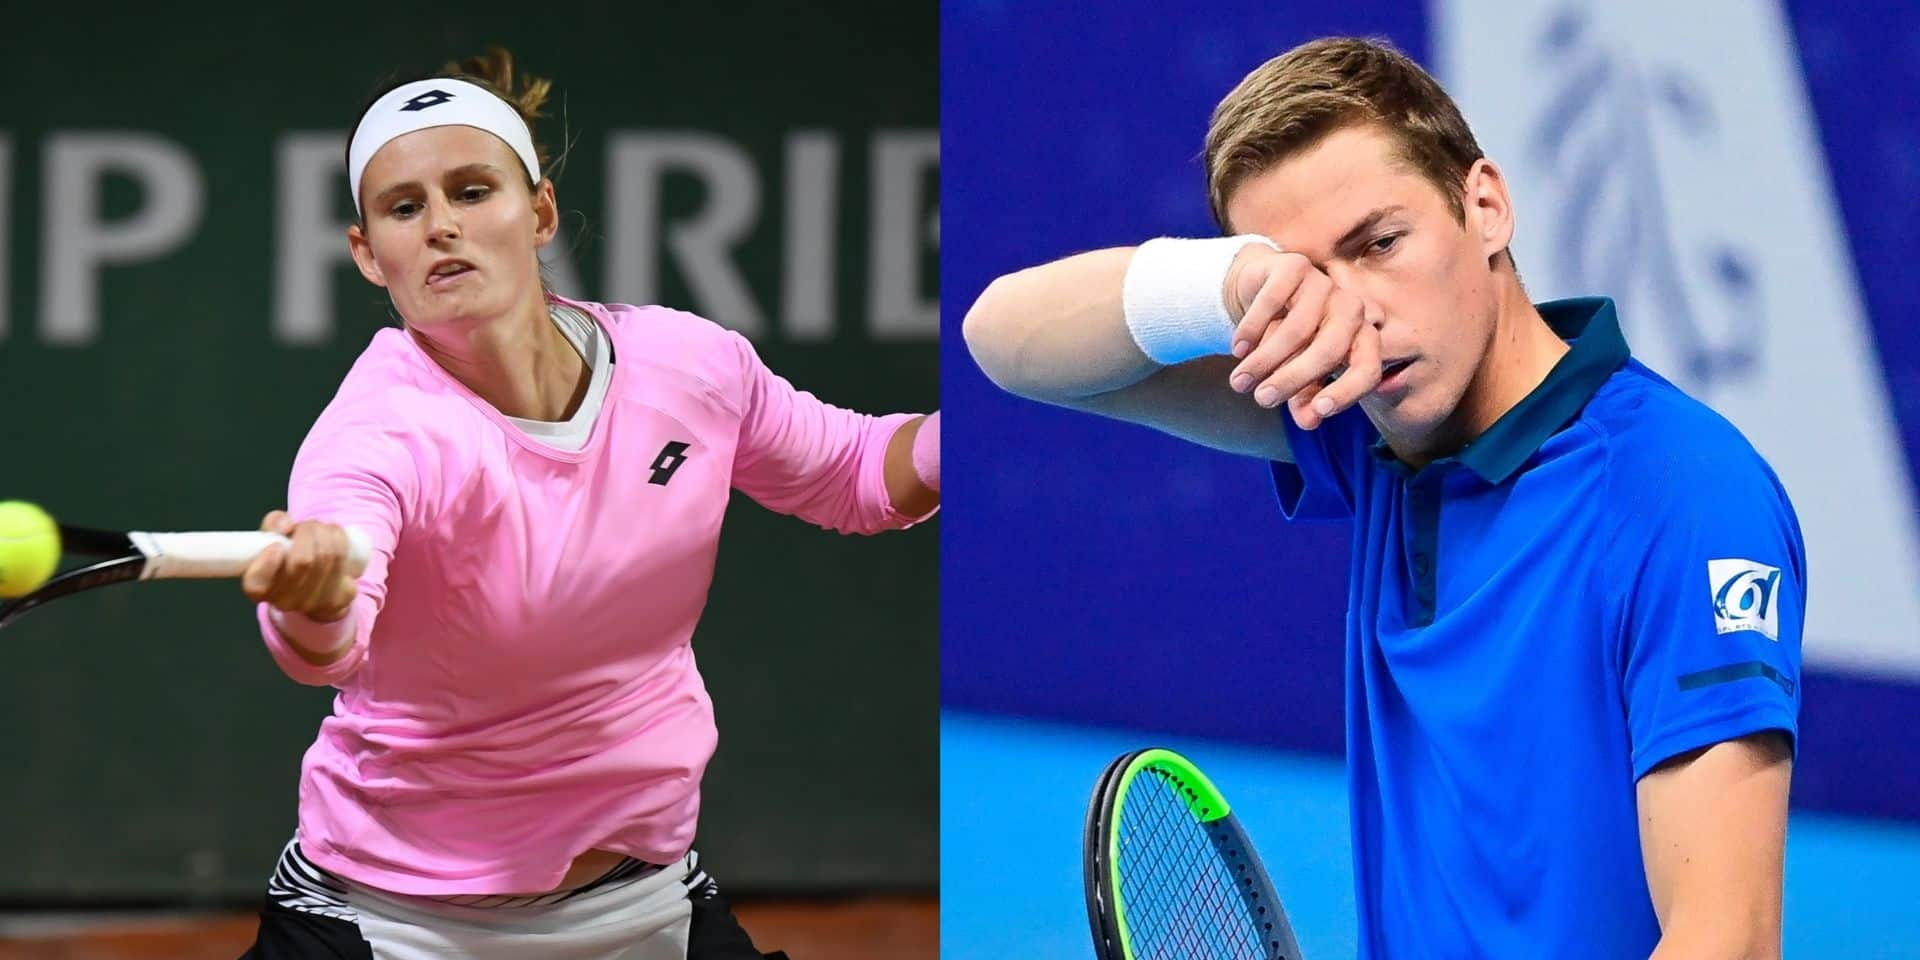 Kimmer Coppejans et Greet Minnen se qualifient pour le tableau final de l'Open d'Australie, Bonaventure et Zanevska éliminées